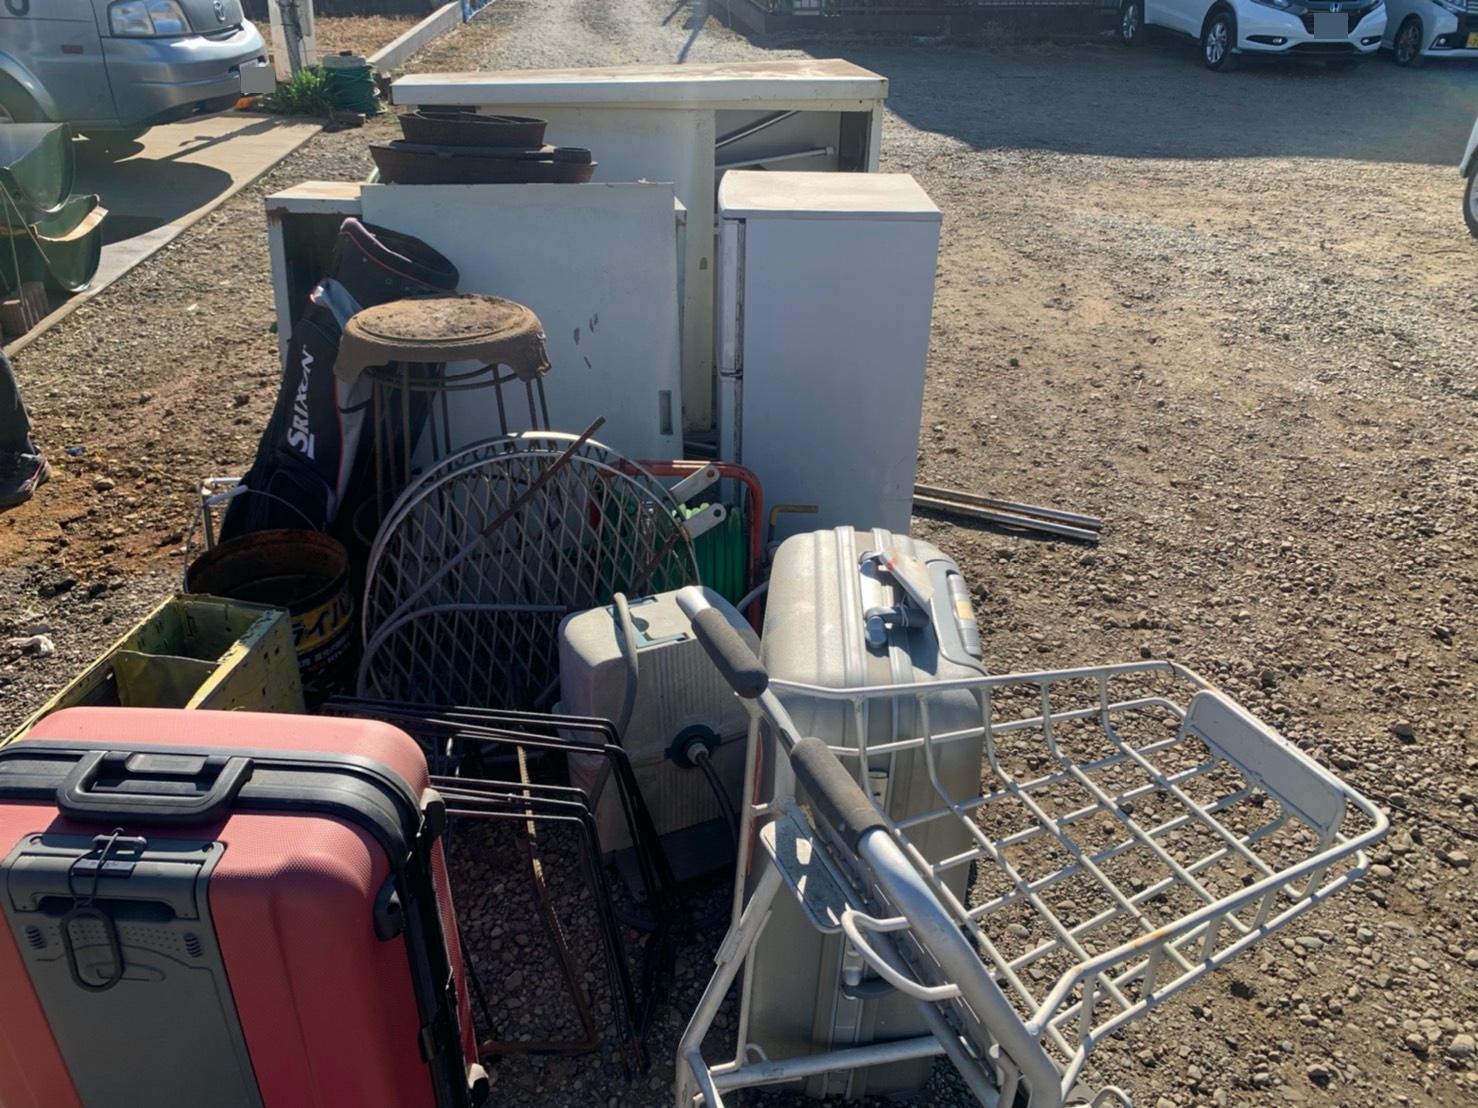 キャリーケース、冷蔵庫などの不用品の回収前